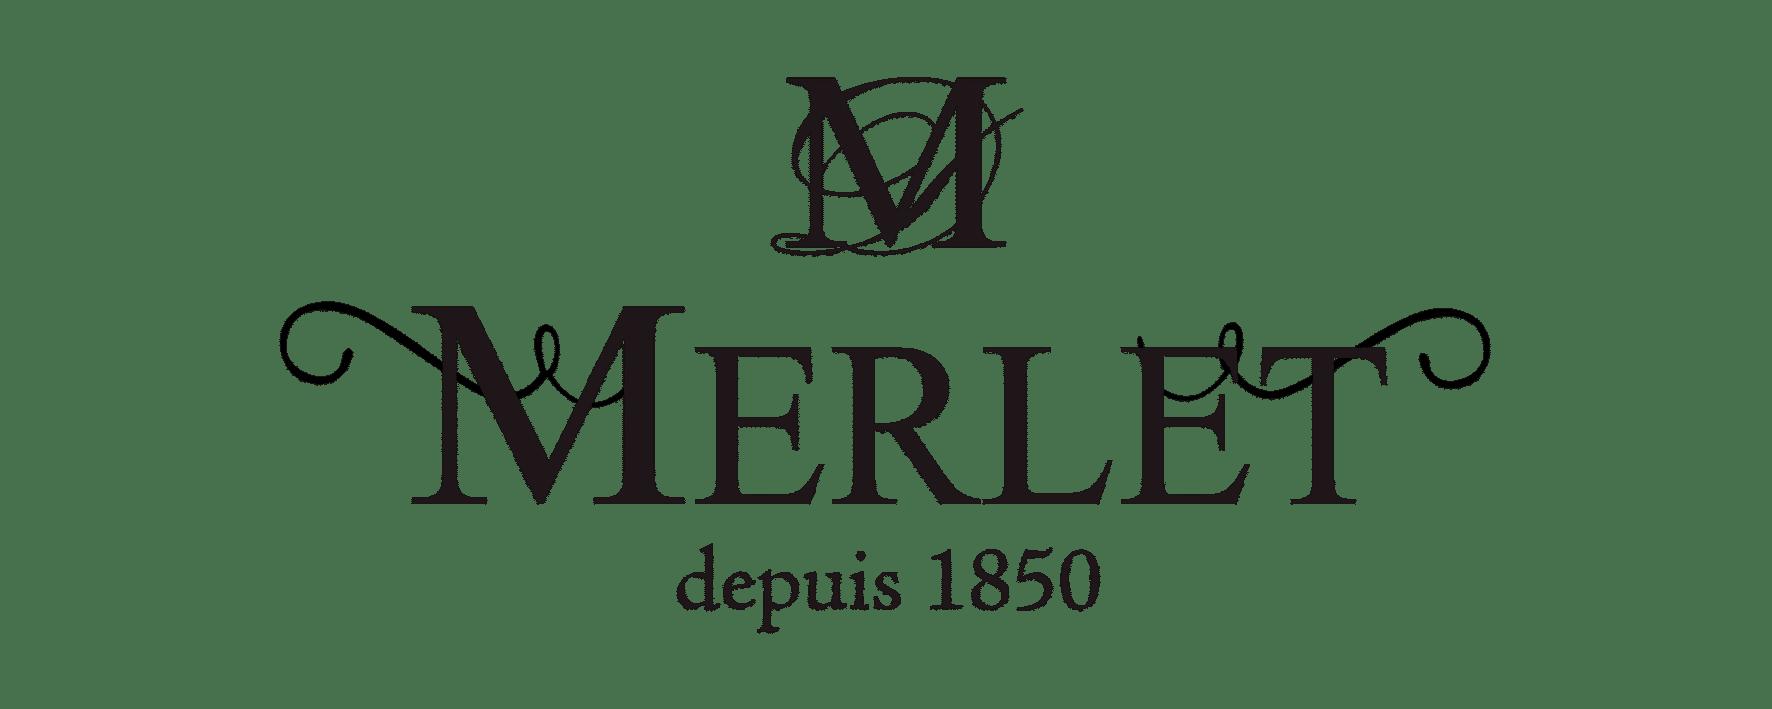 Merlet logo